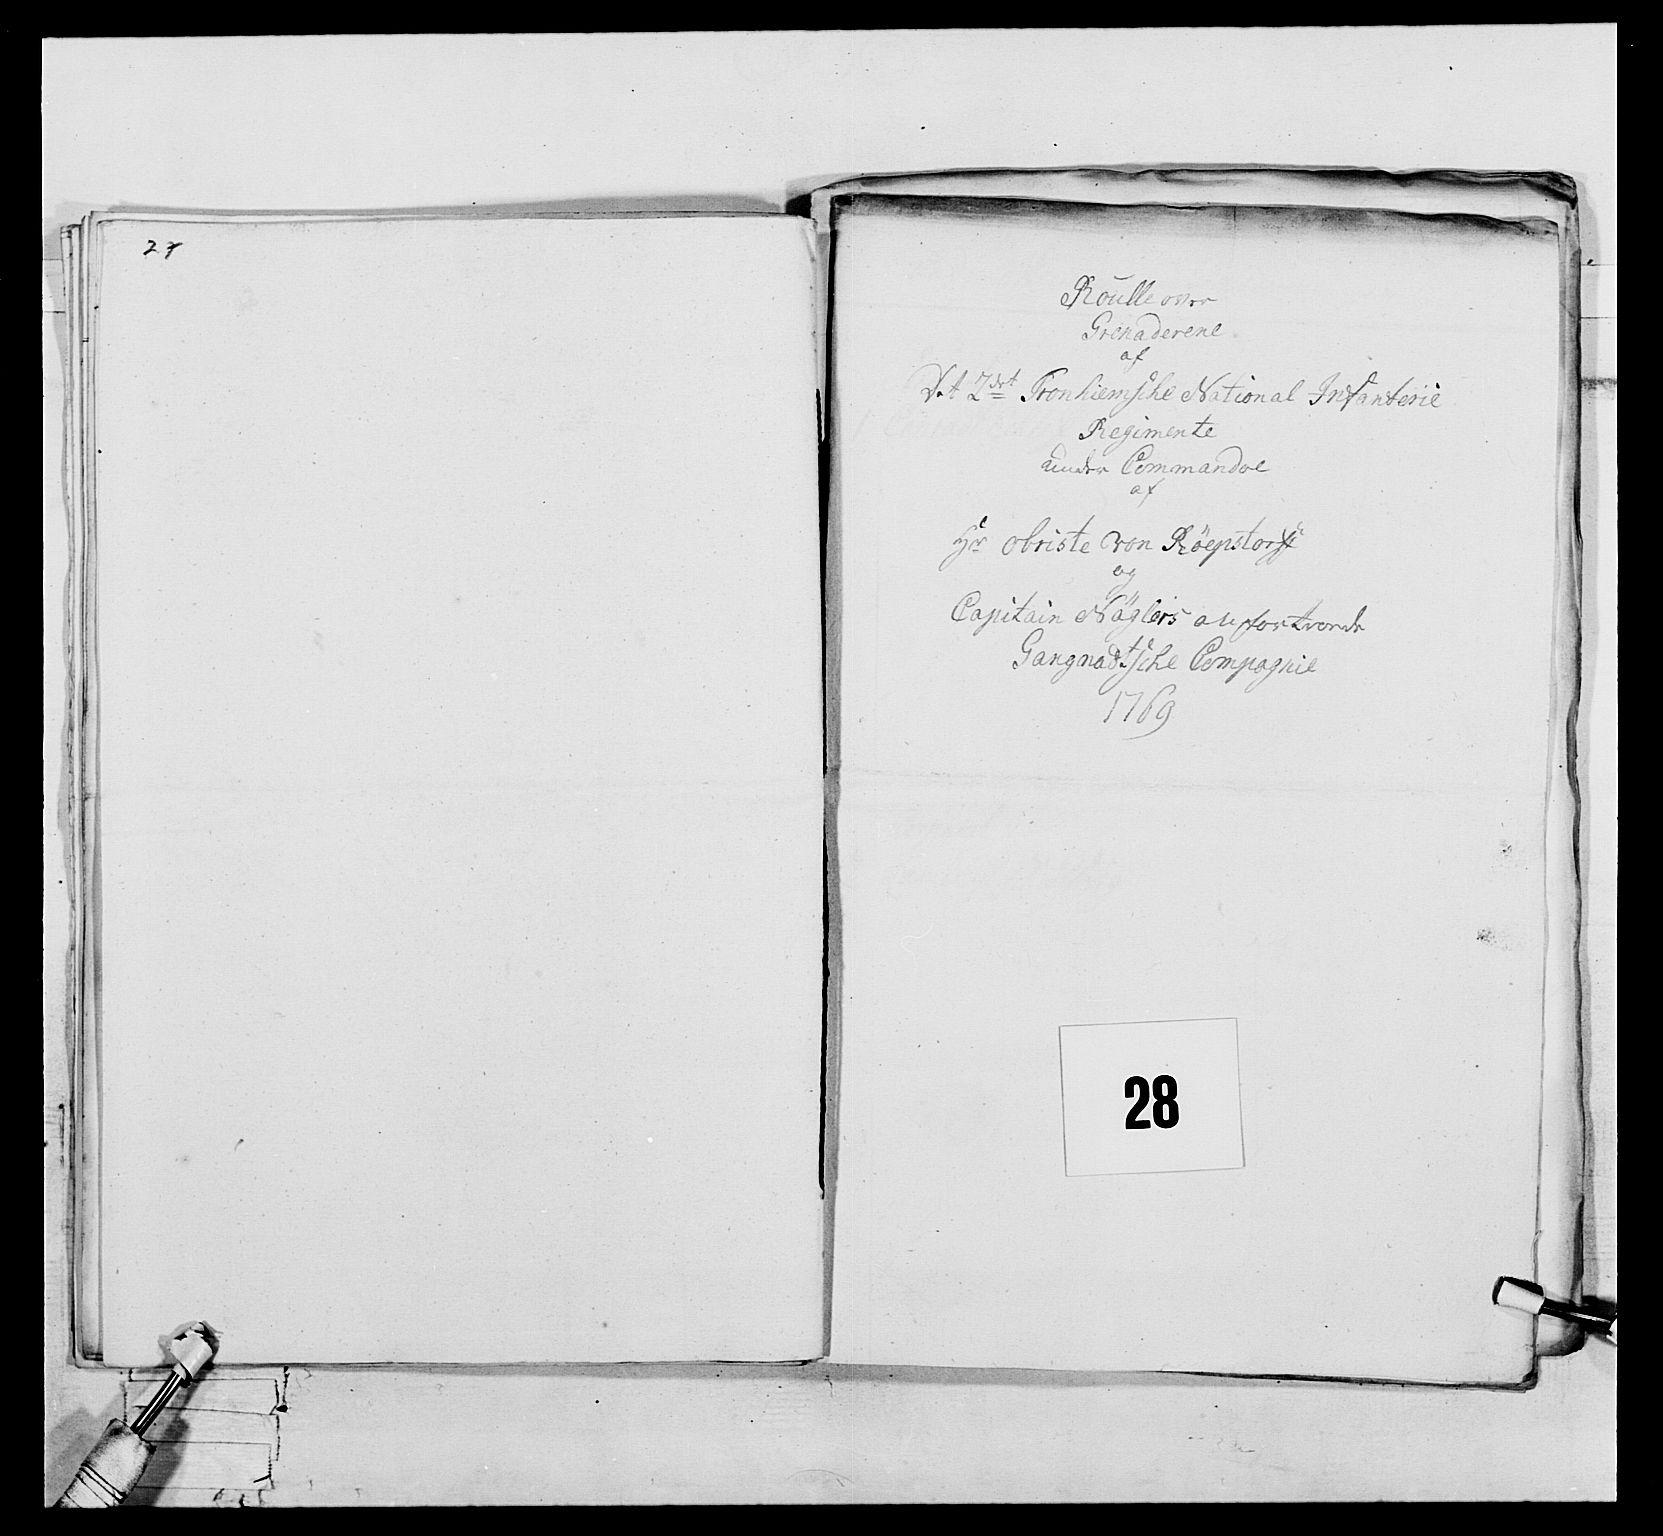 RA, Generalitets- og kommissariatskollegiet, Det kongelige norske kommissariatskollegium, E/Eh/L0076: 2. Trondheimske nasjonale infanteriregiment, 1766-1773, s. 76